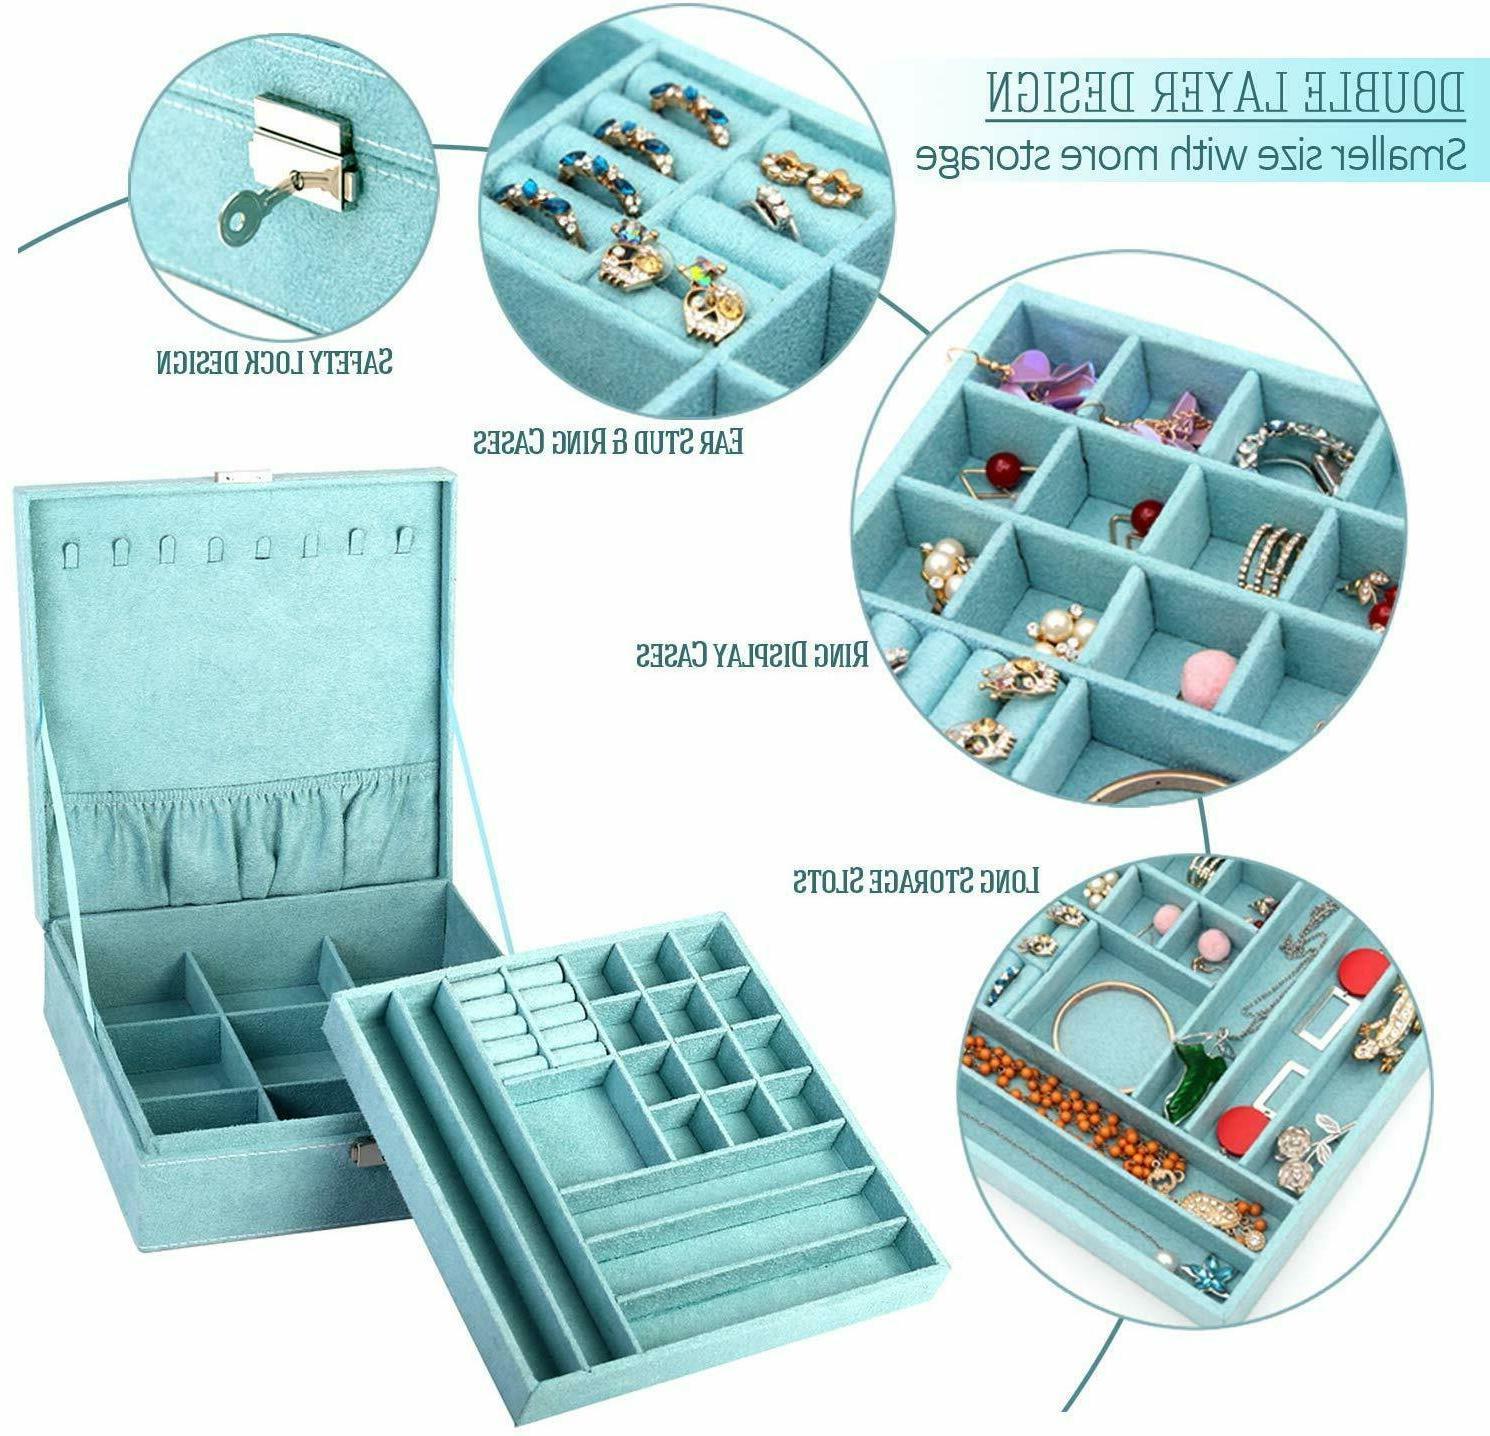 KLOUD City Two-Layer lint Jewelry Organizer Storage with Lock